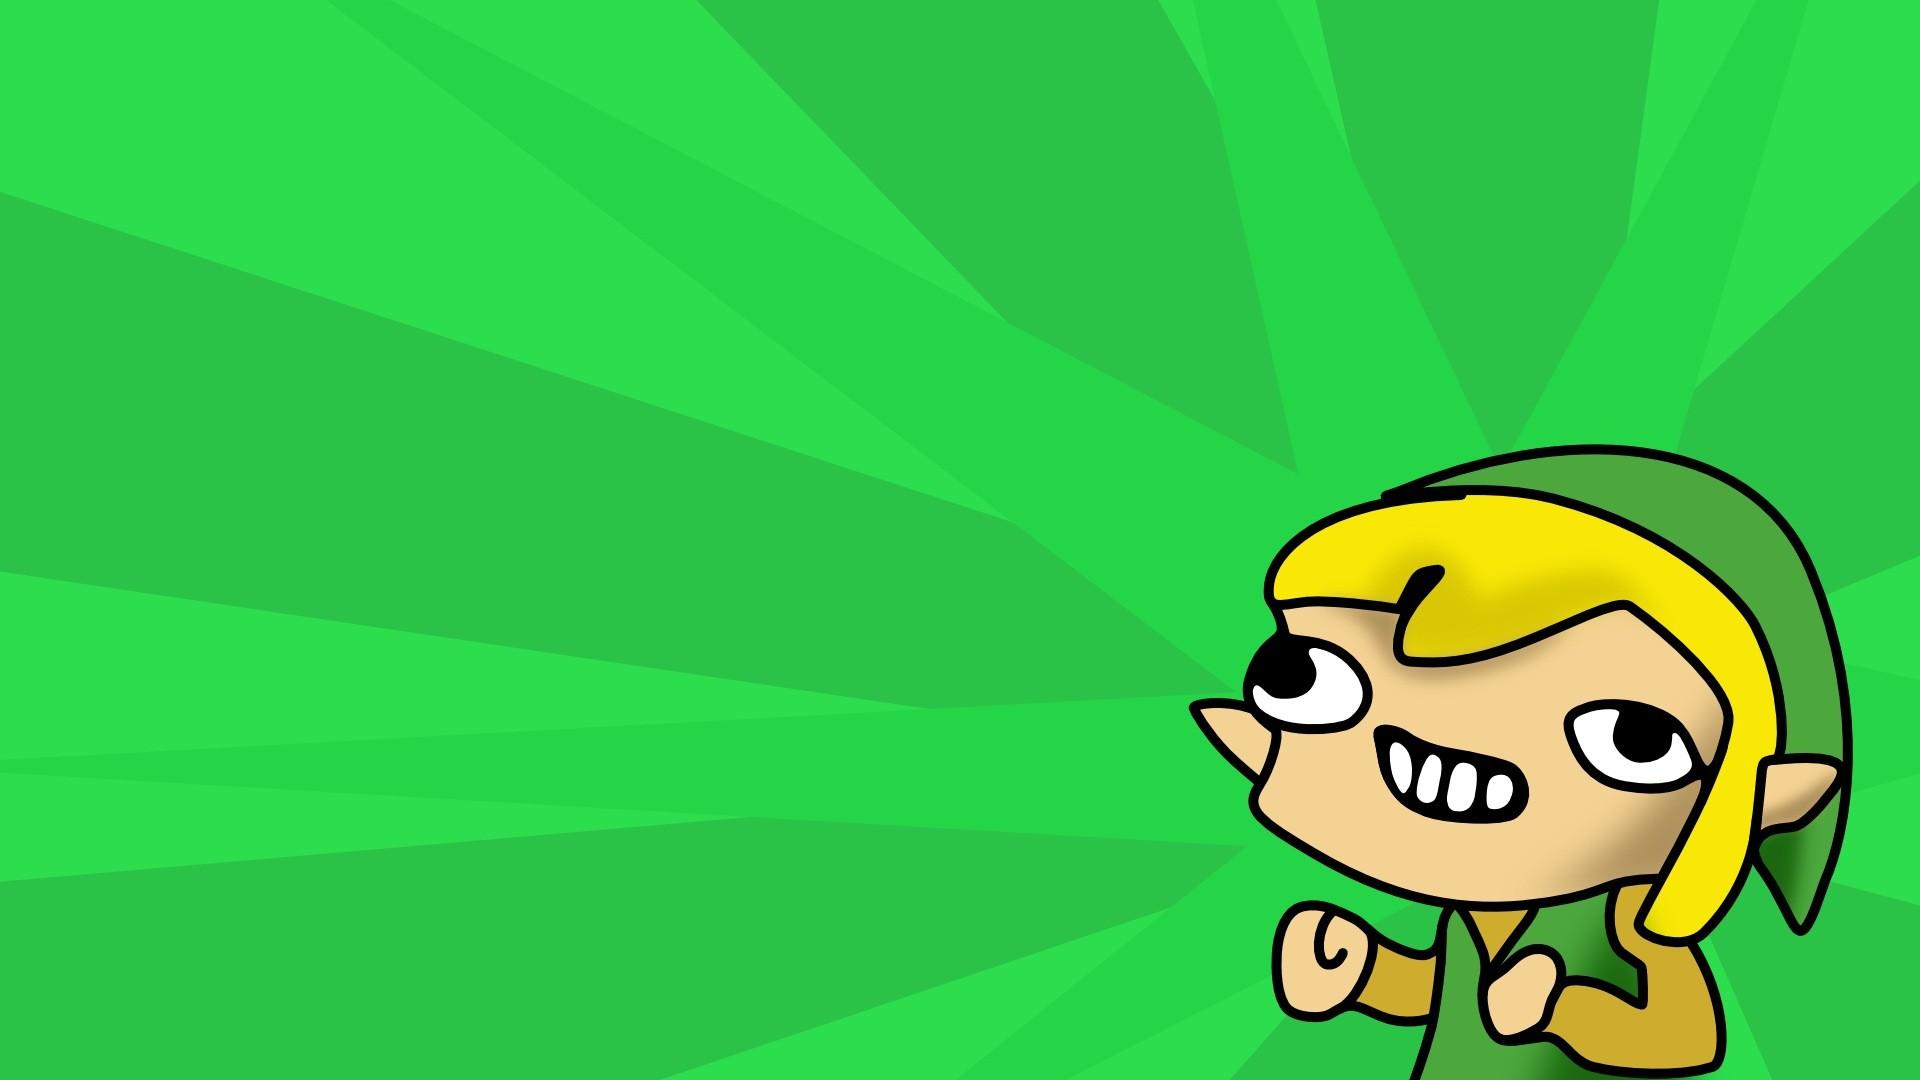 Video Game – The Legend Of Zelda Zelda Face Wallpaper